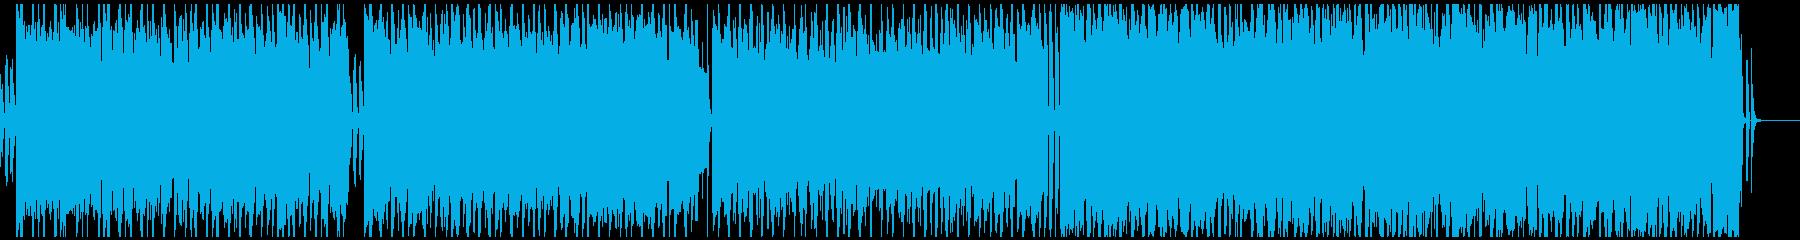 聖者の行進 ほのぼの・ウクレレ・手拍子の再生済みの波形